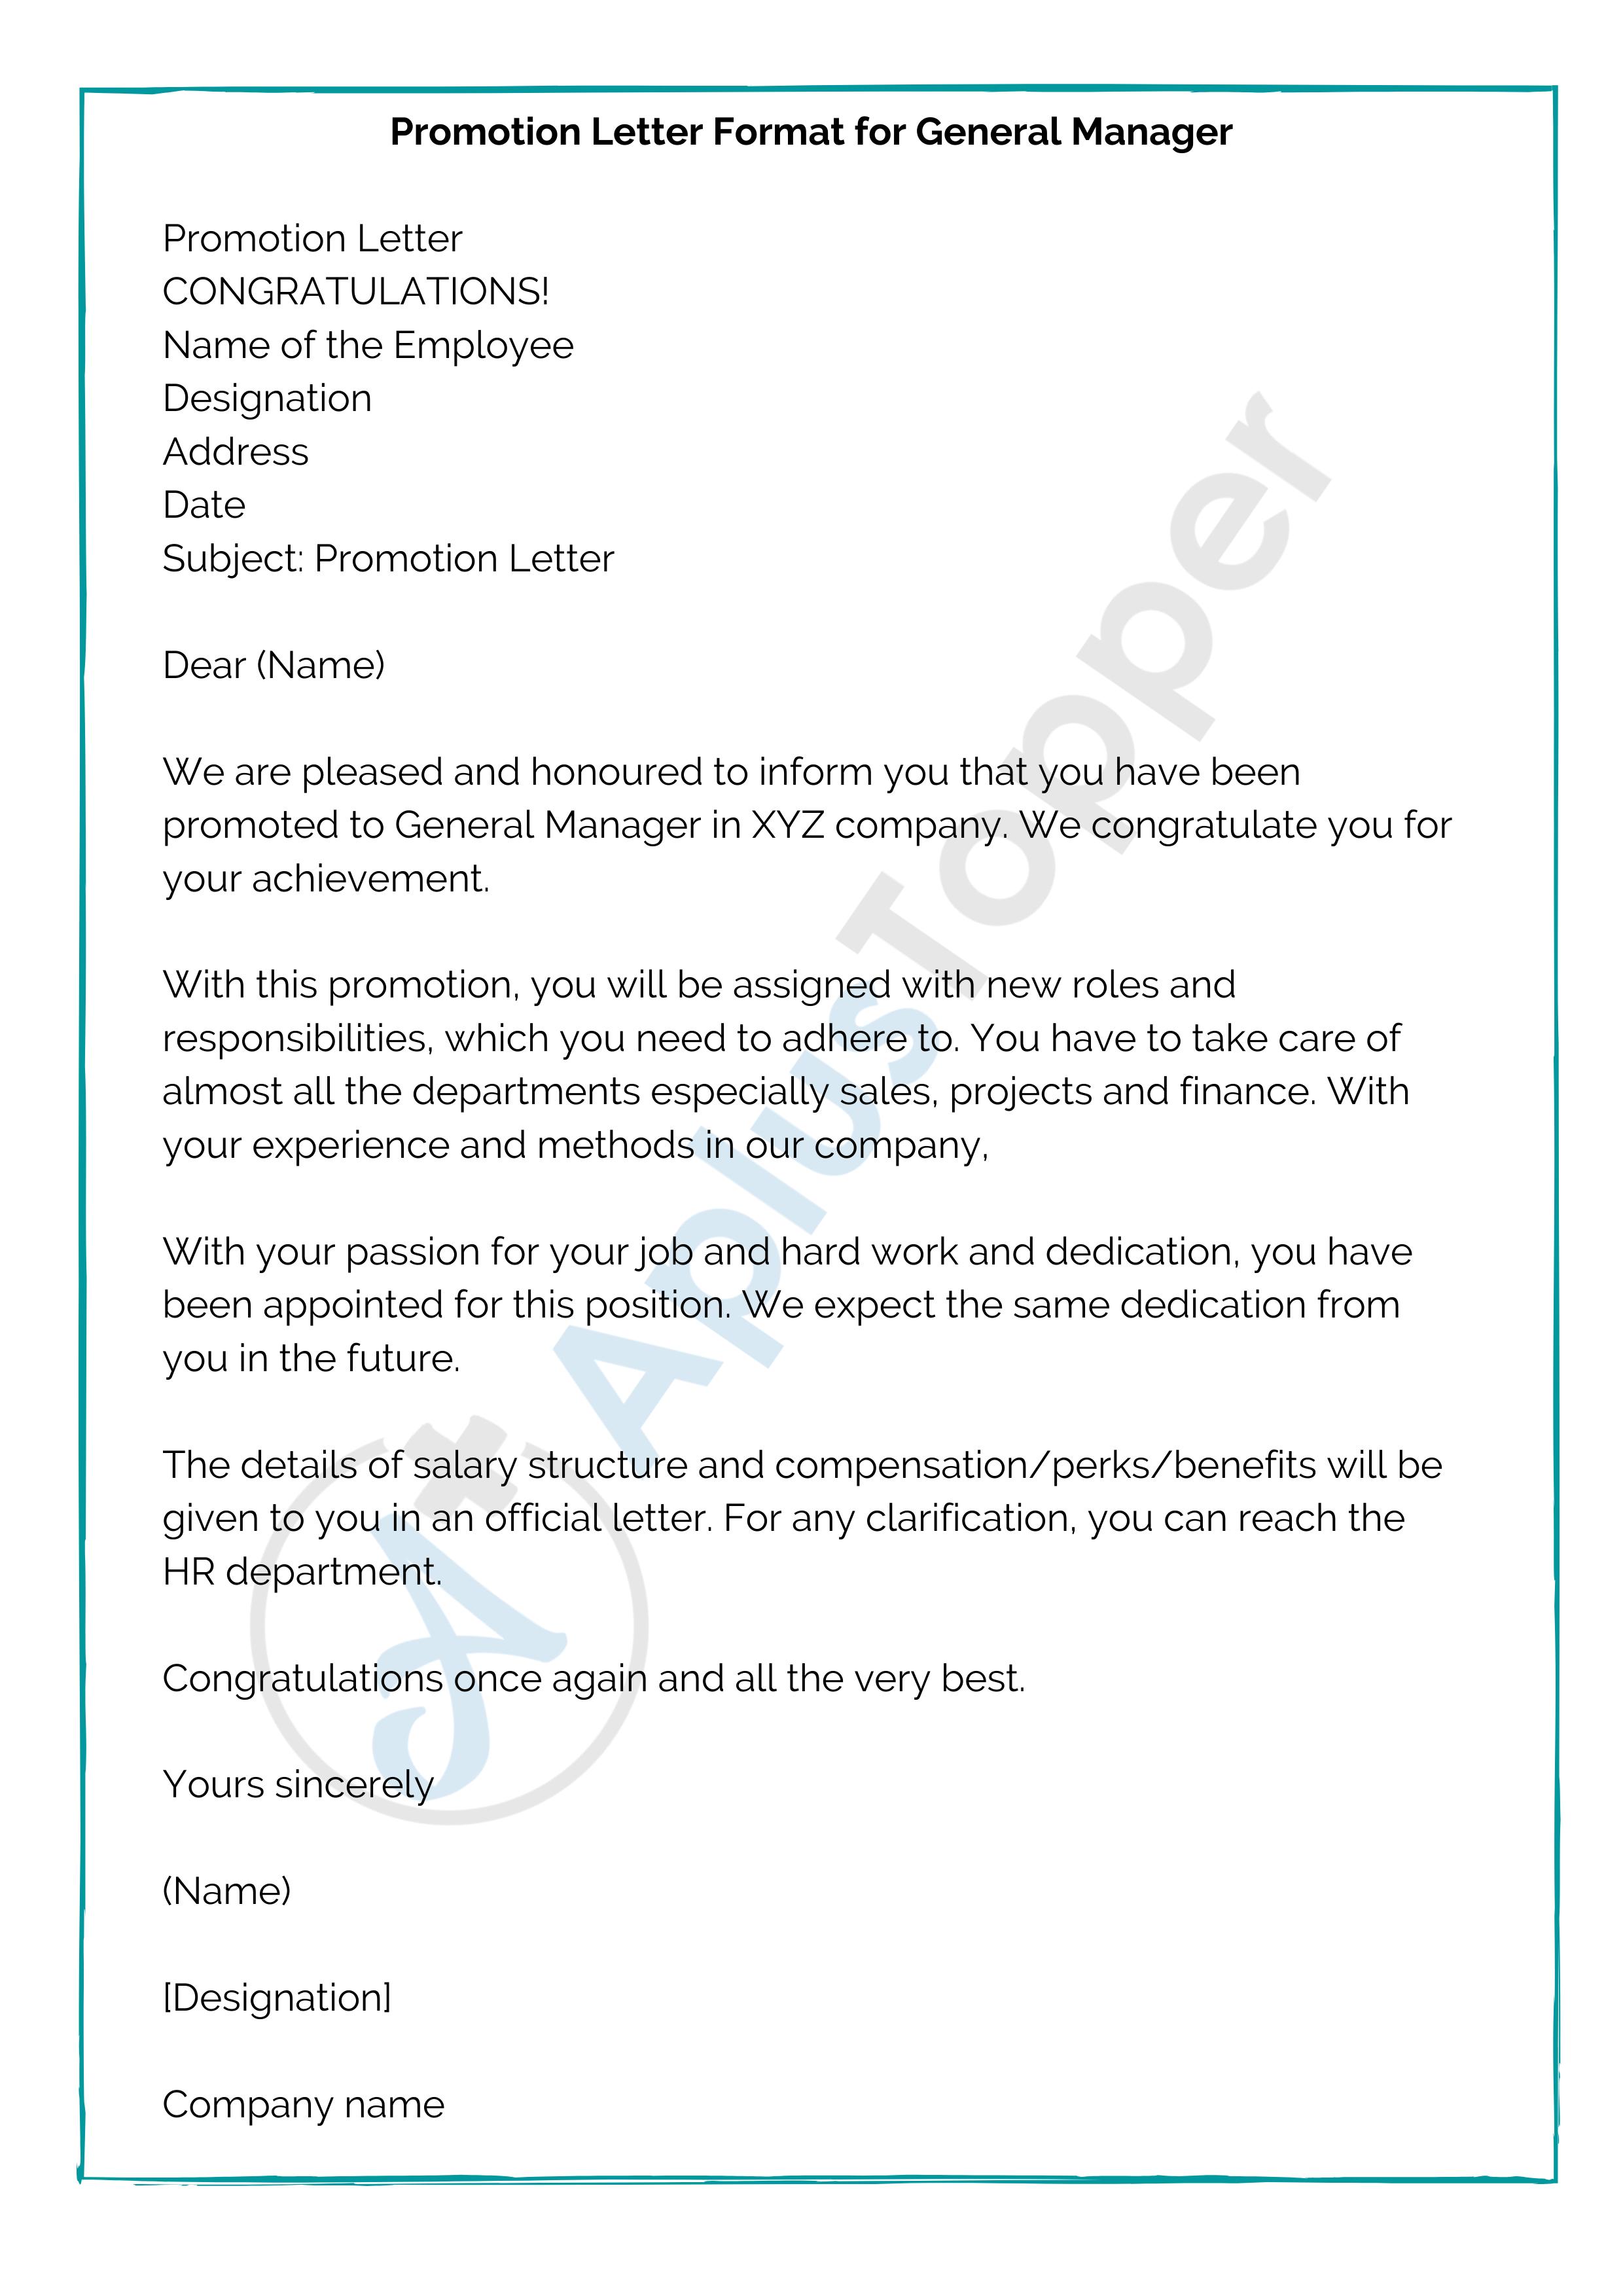 Promotion Letter Format for General Manager